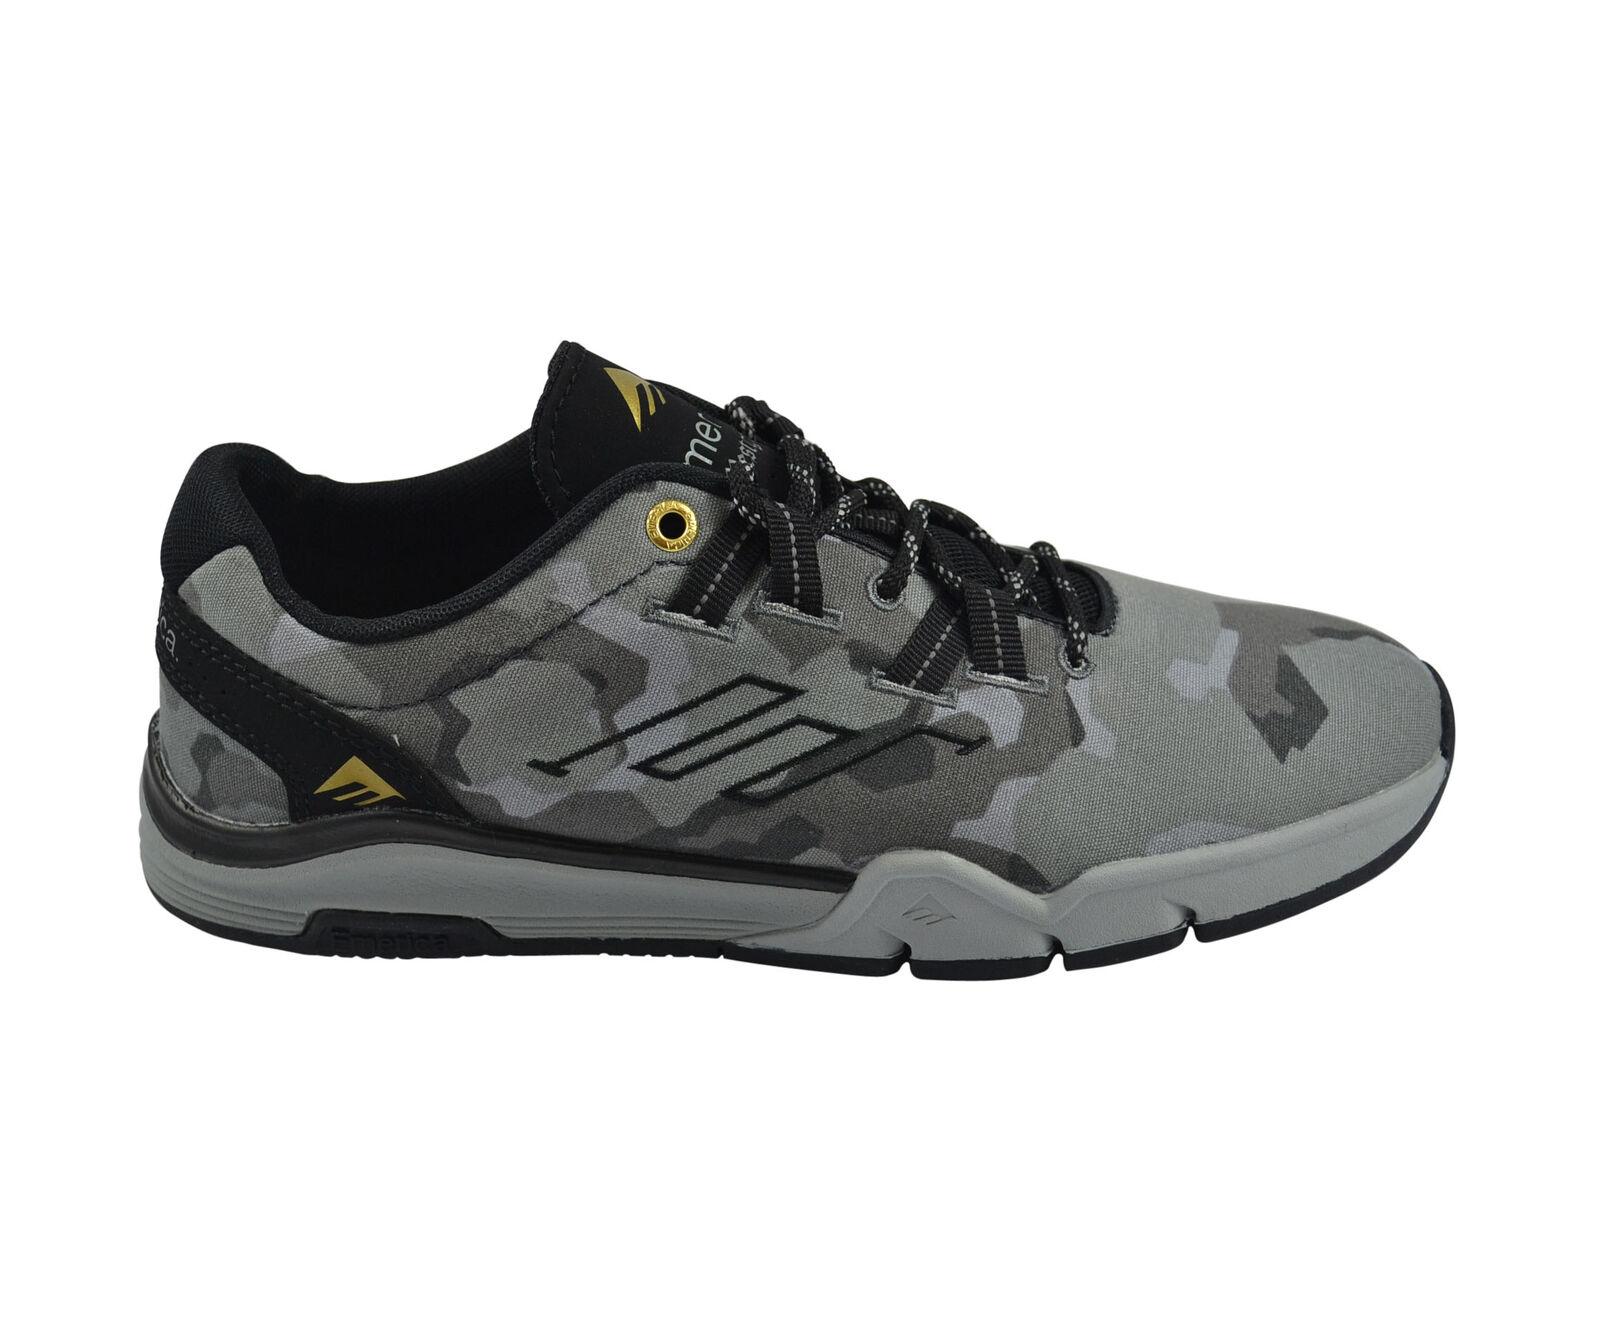 Emerica Gris/camo The Westgate Cruiser LT Gris/camo Emerica Skater Sneaker/Zapatos grau 674246